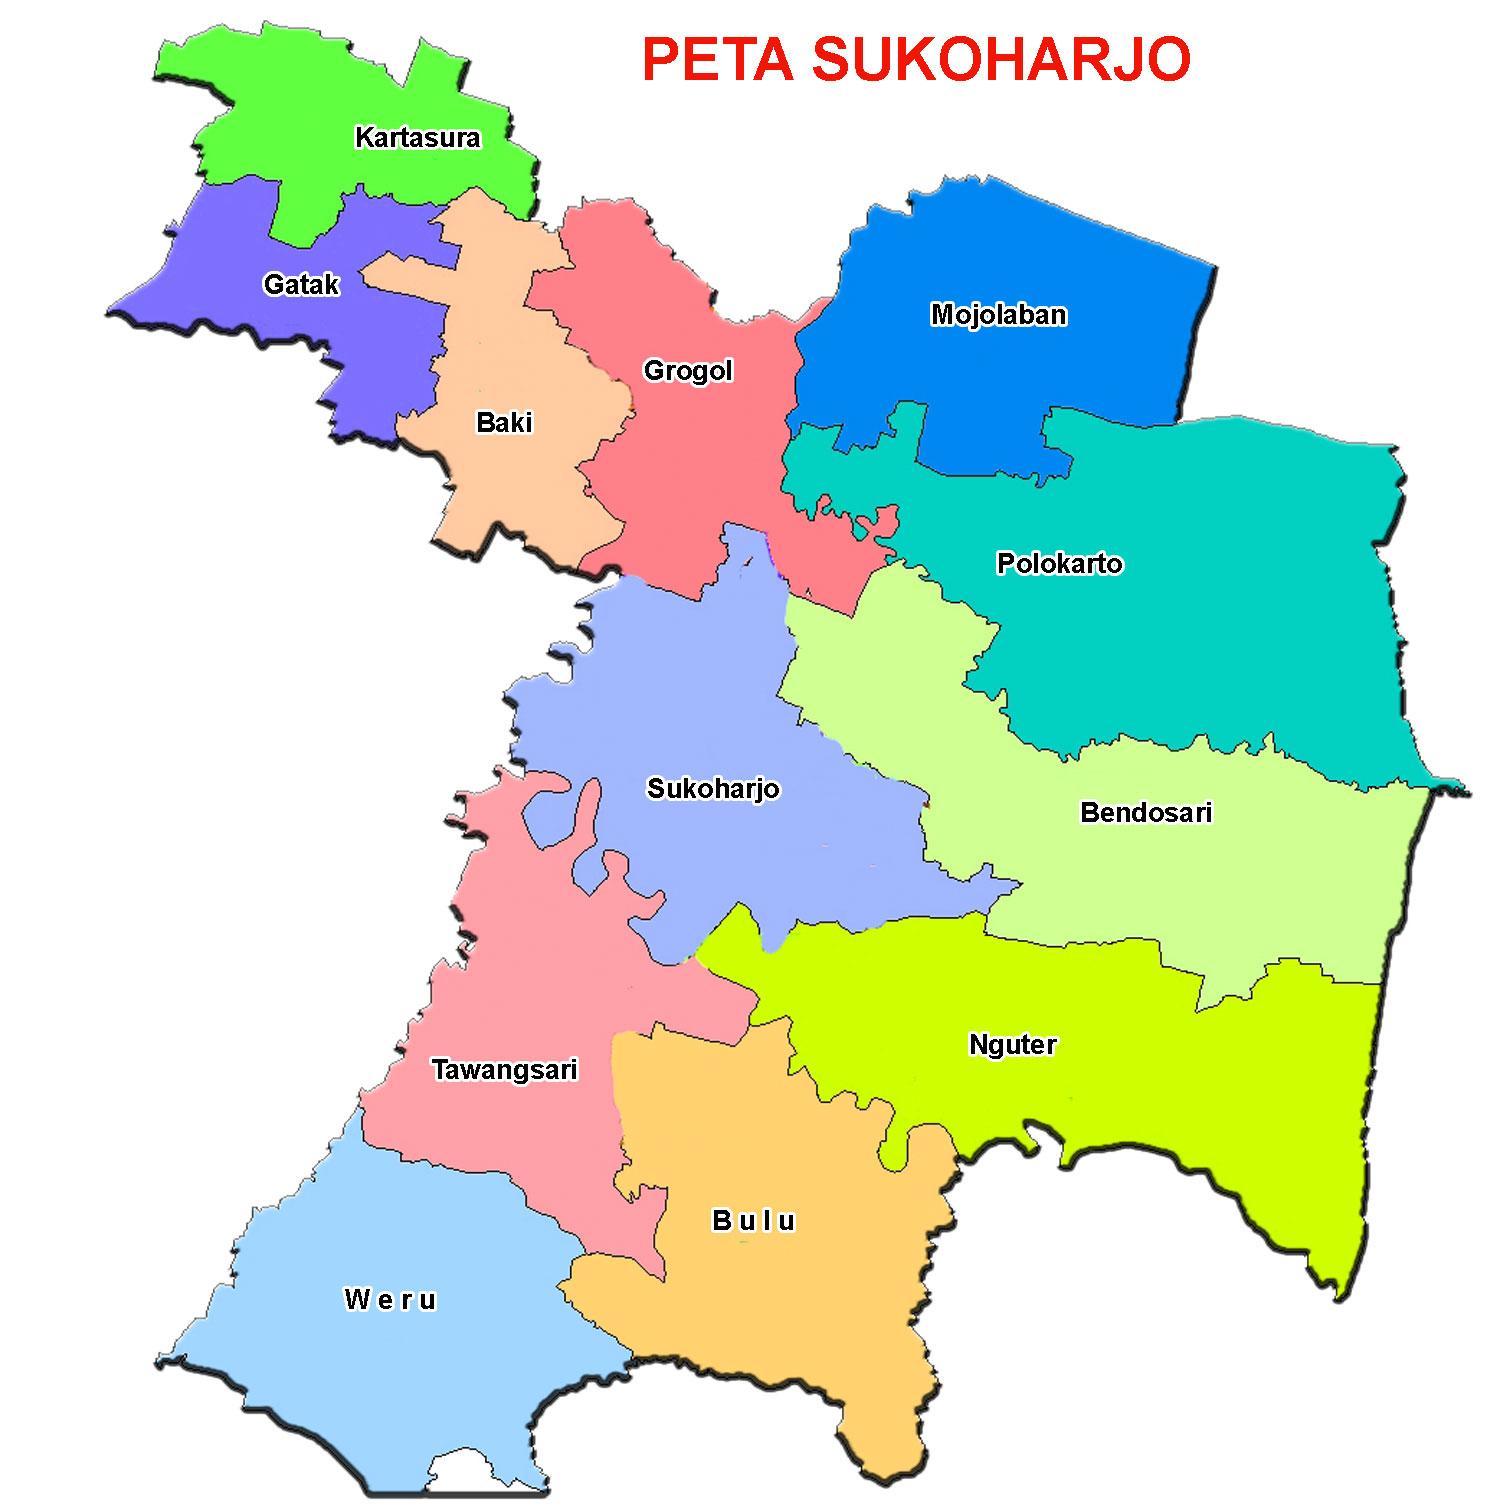 Peta Kabupaten Sukoharjo Lengkap 12 Kecamatan - Sejarah ...